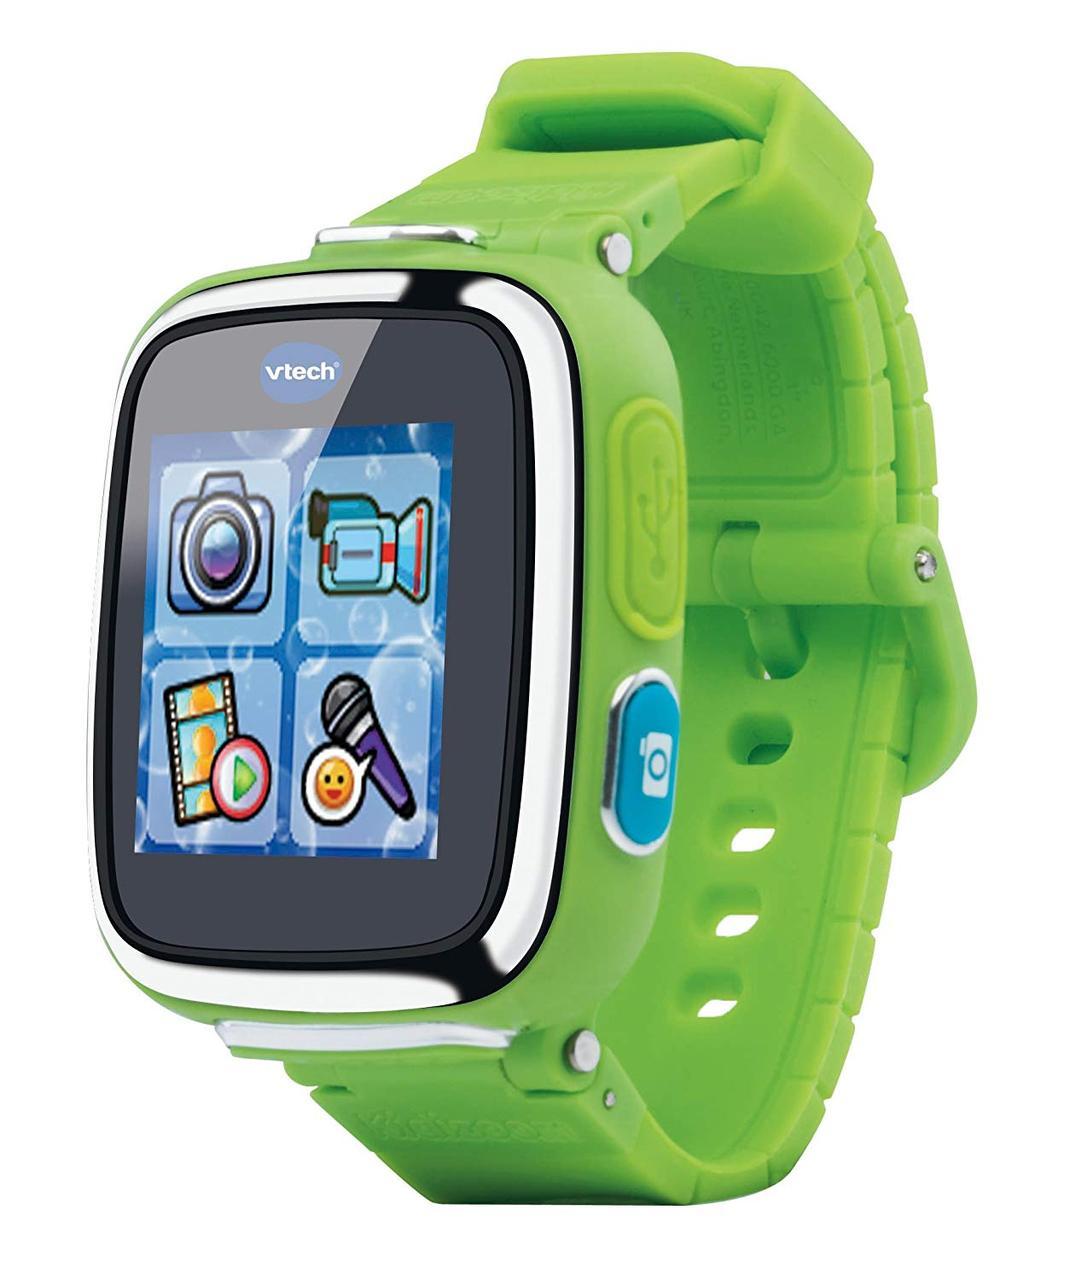 Дитячий смарт-годинник VTech Kidizoom Smart Watch DХ